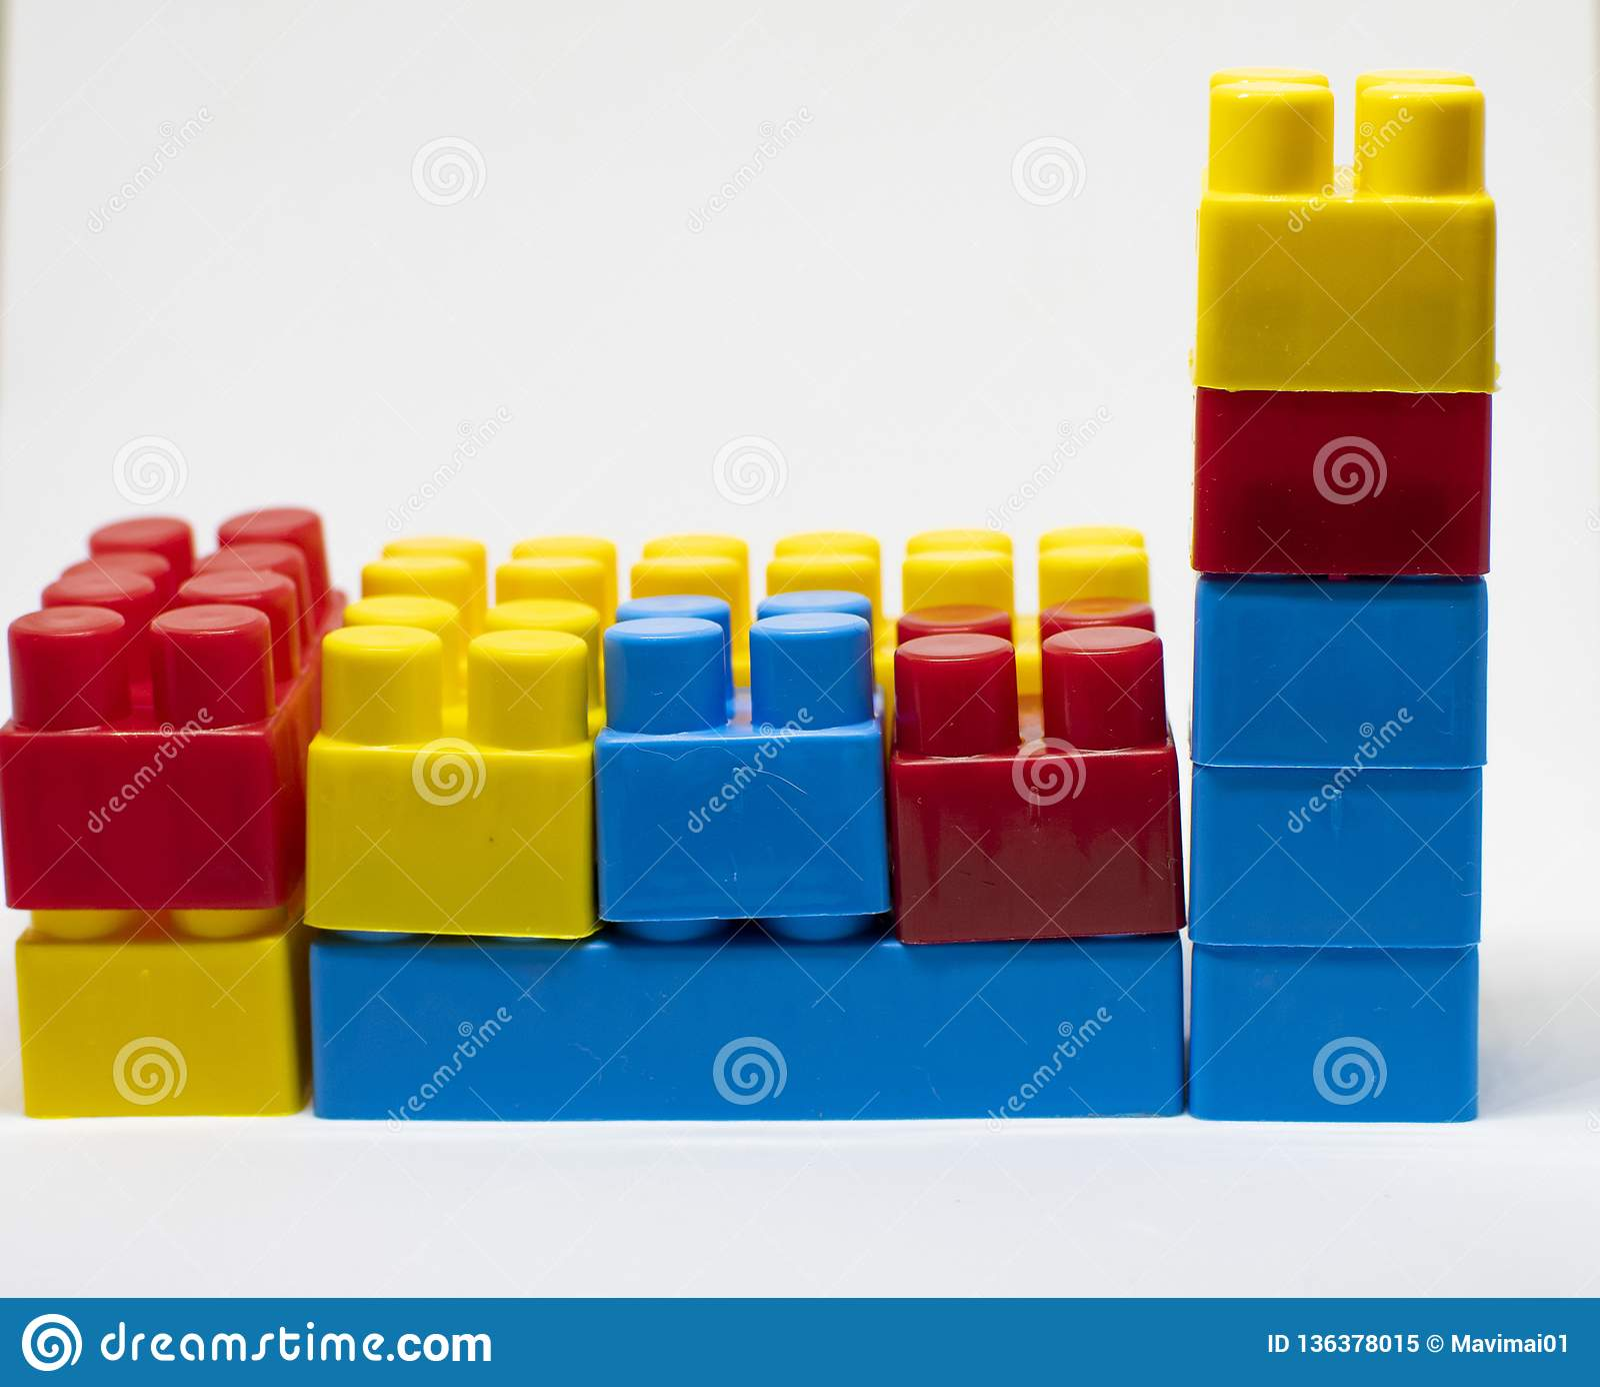 塑料玩具积木